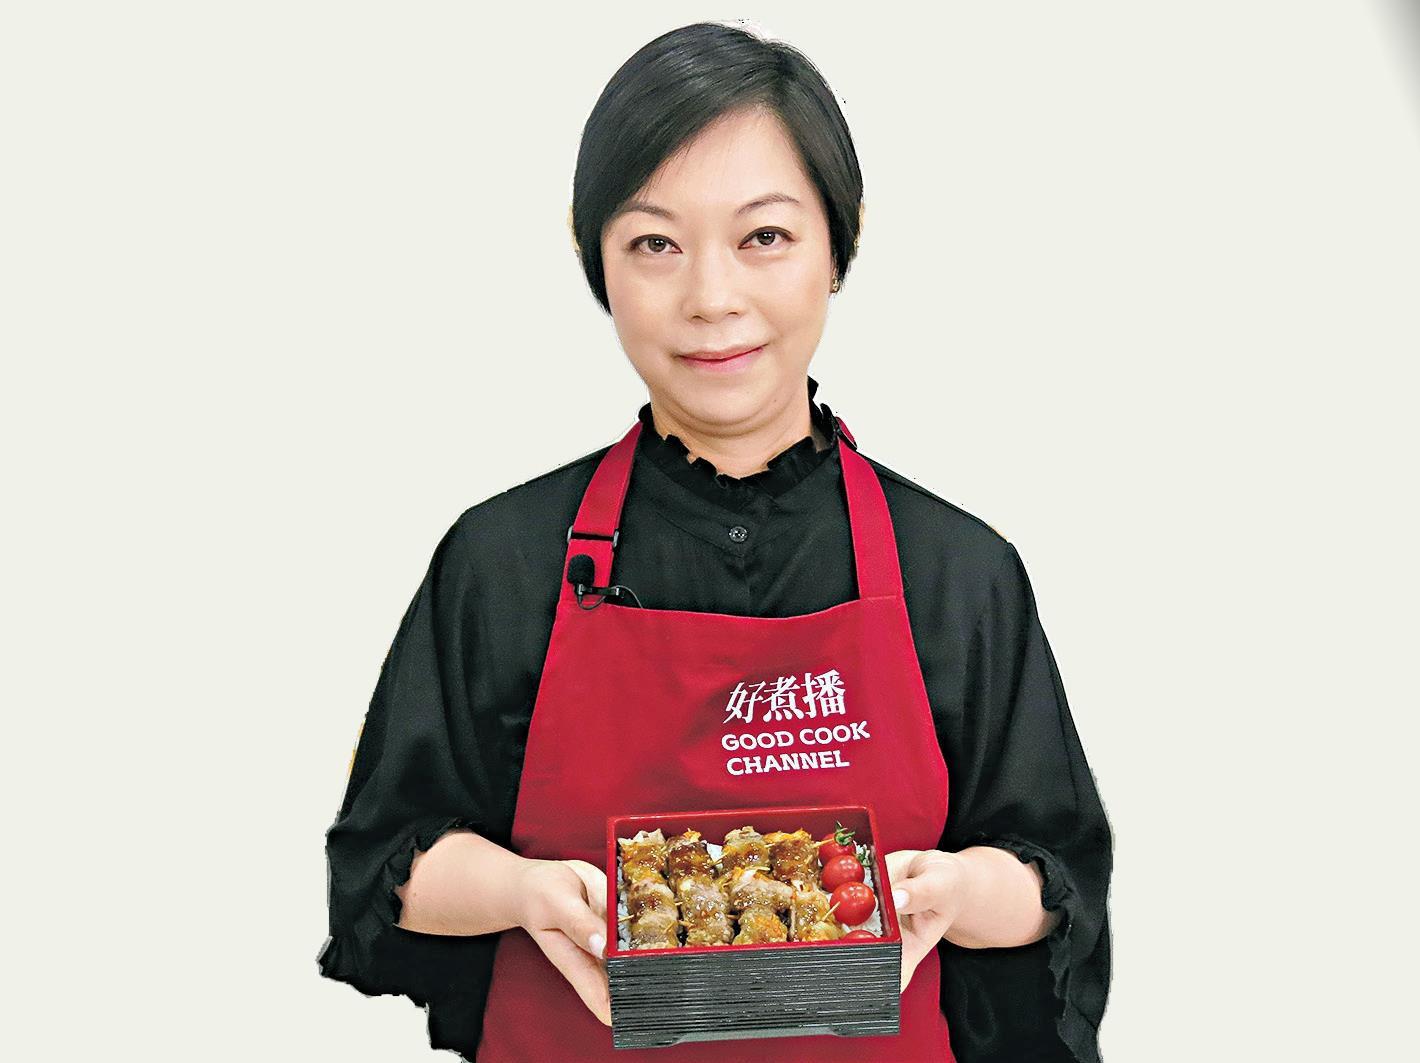 【中藥入饌食譜】 有「營」飯盒 鮮淮山甘筍牛肉卷